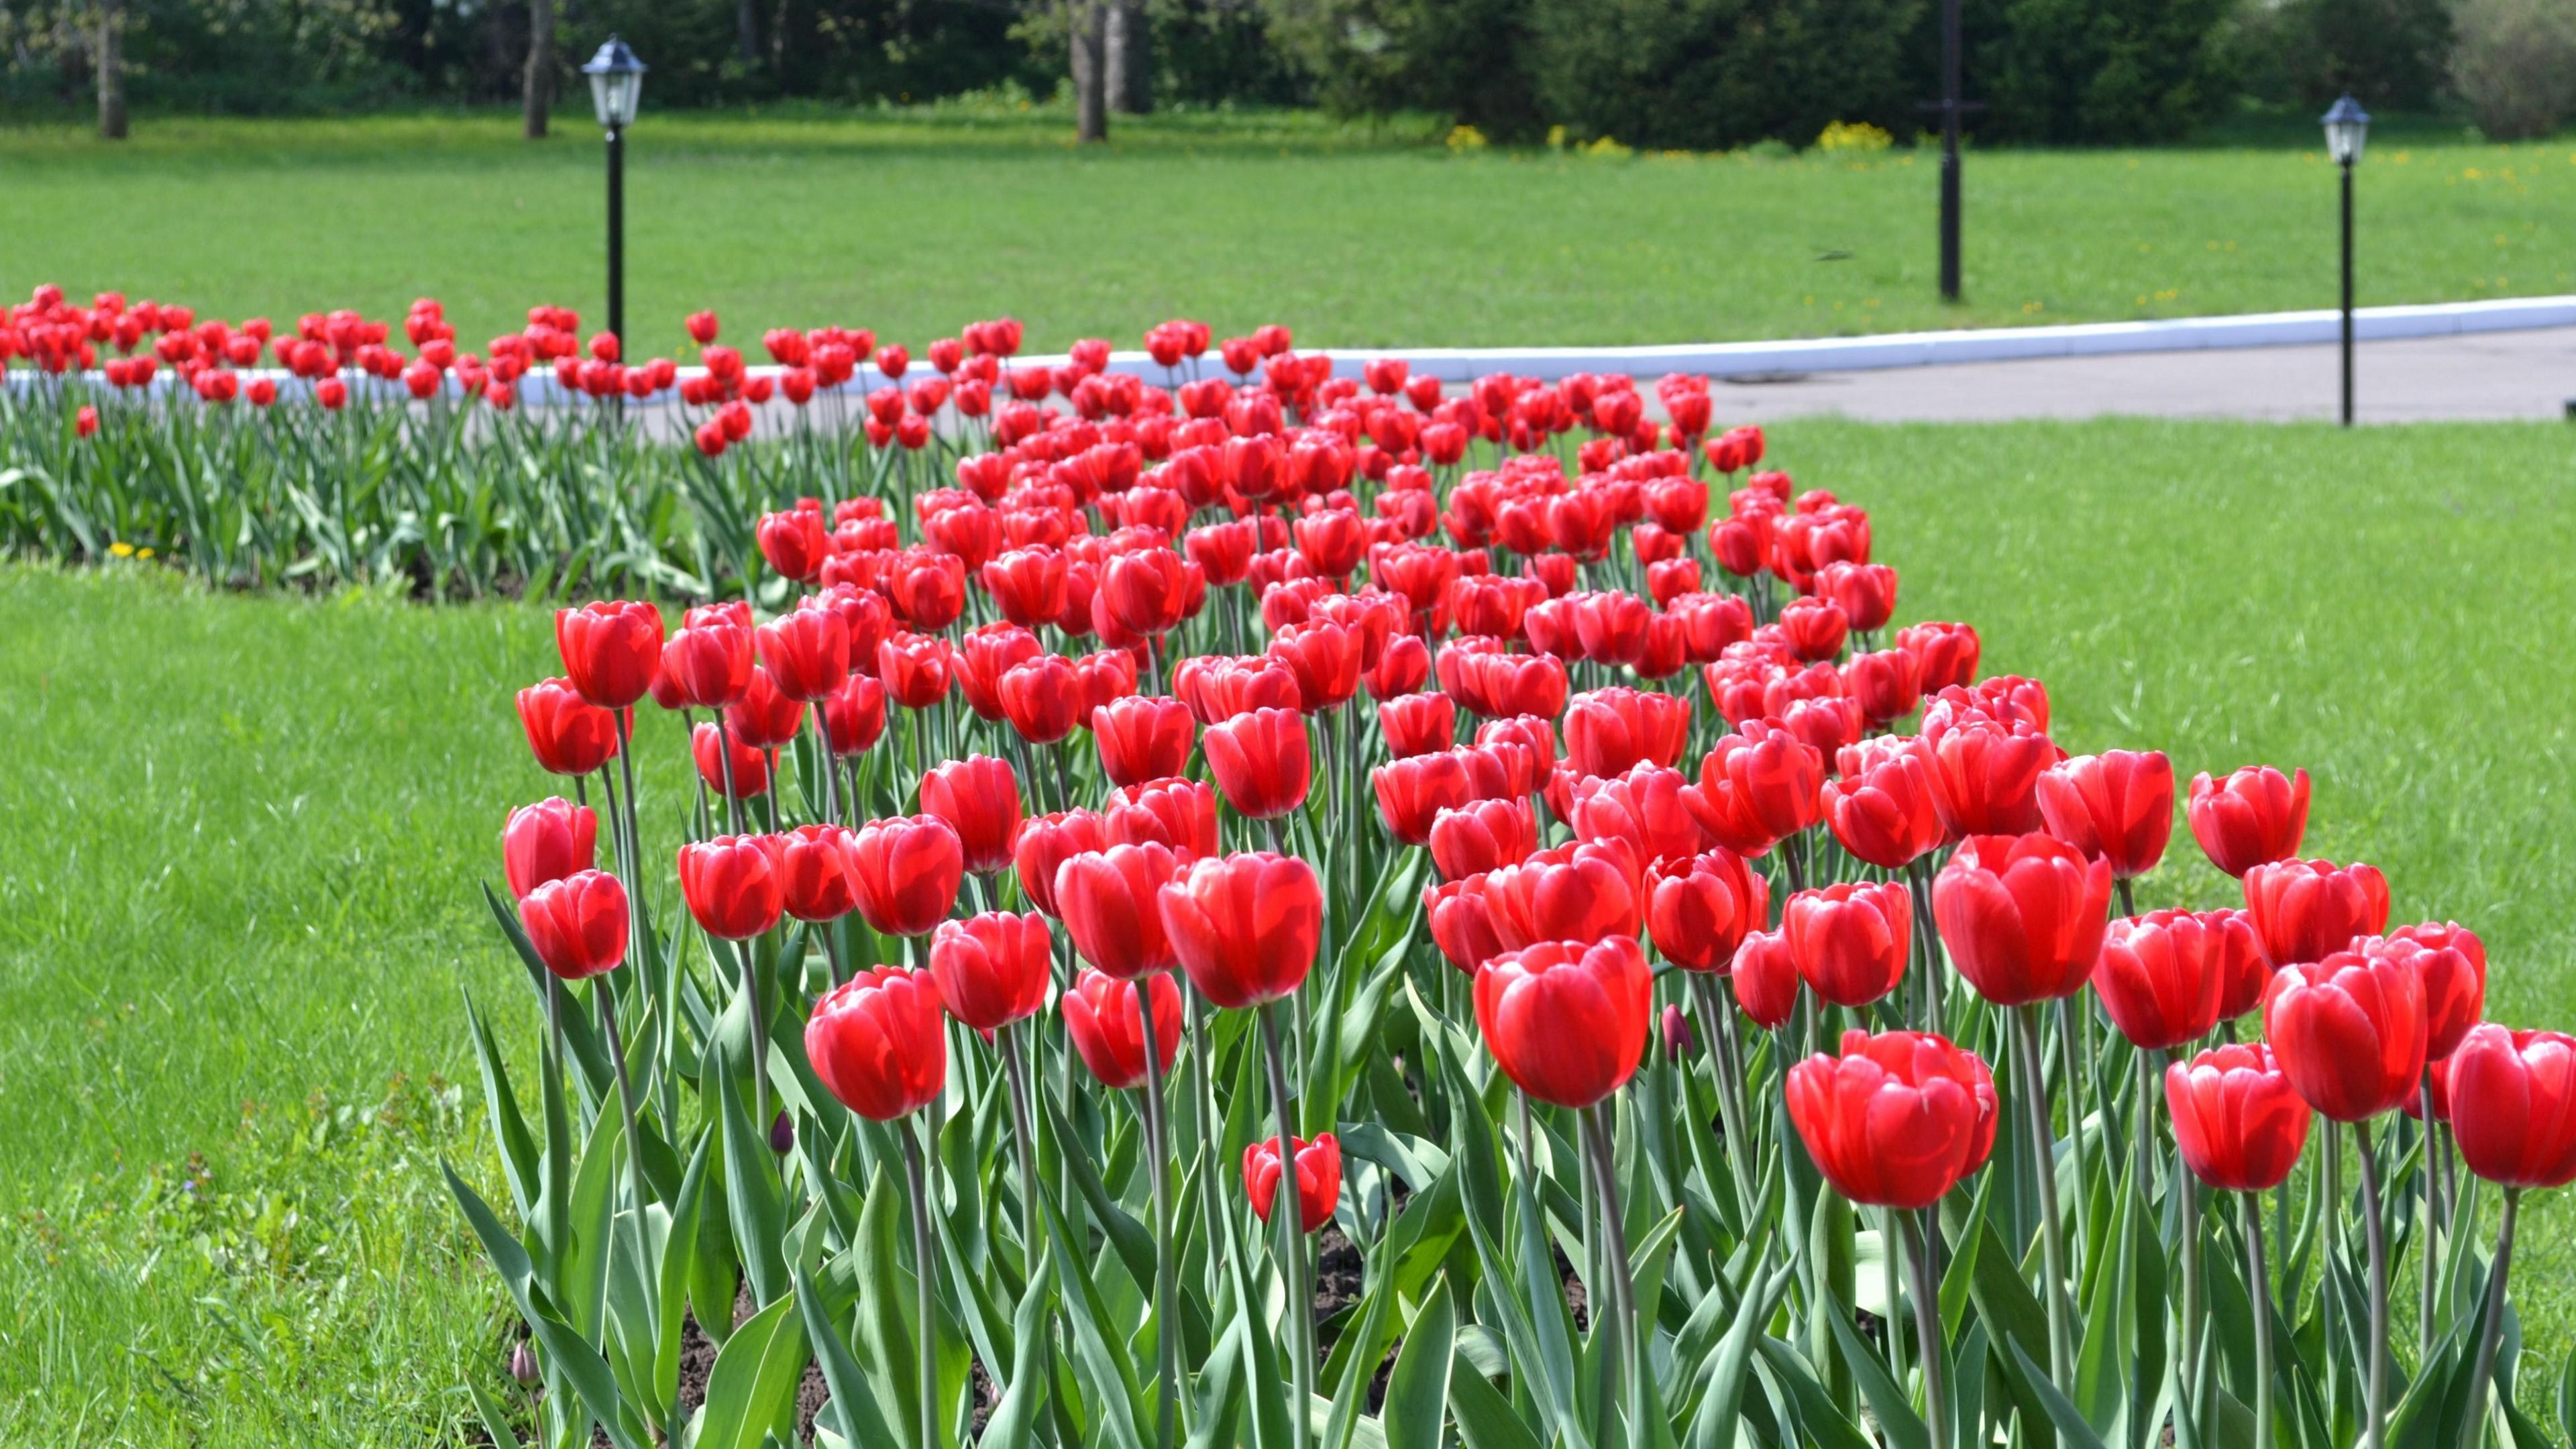 tulips flowers flowerbed lawn park lights 4k 1540064314 - tulips, flowers, flowerbed, lawn, park, lights 4k - Tulips, Flowers, flowerbed